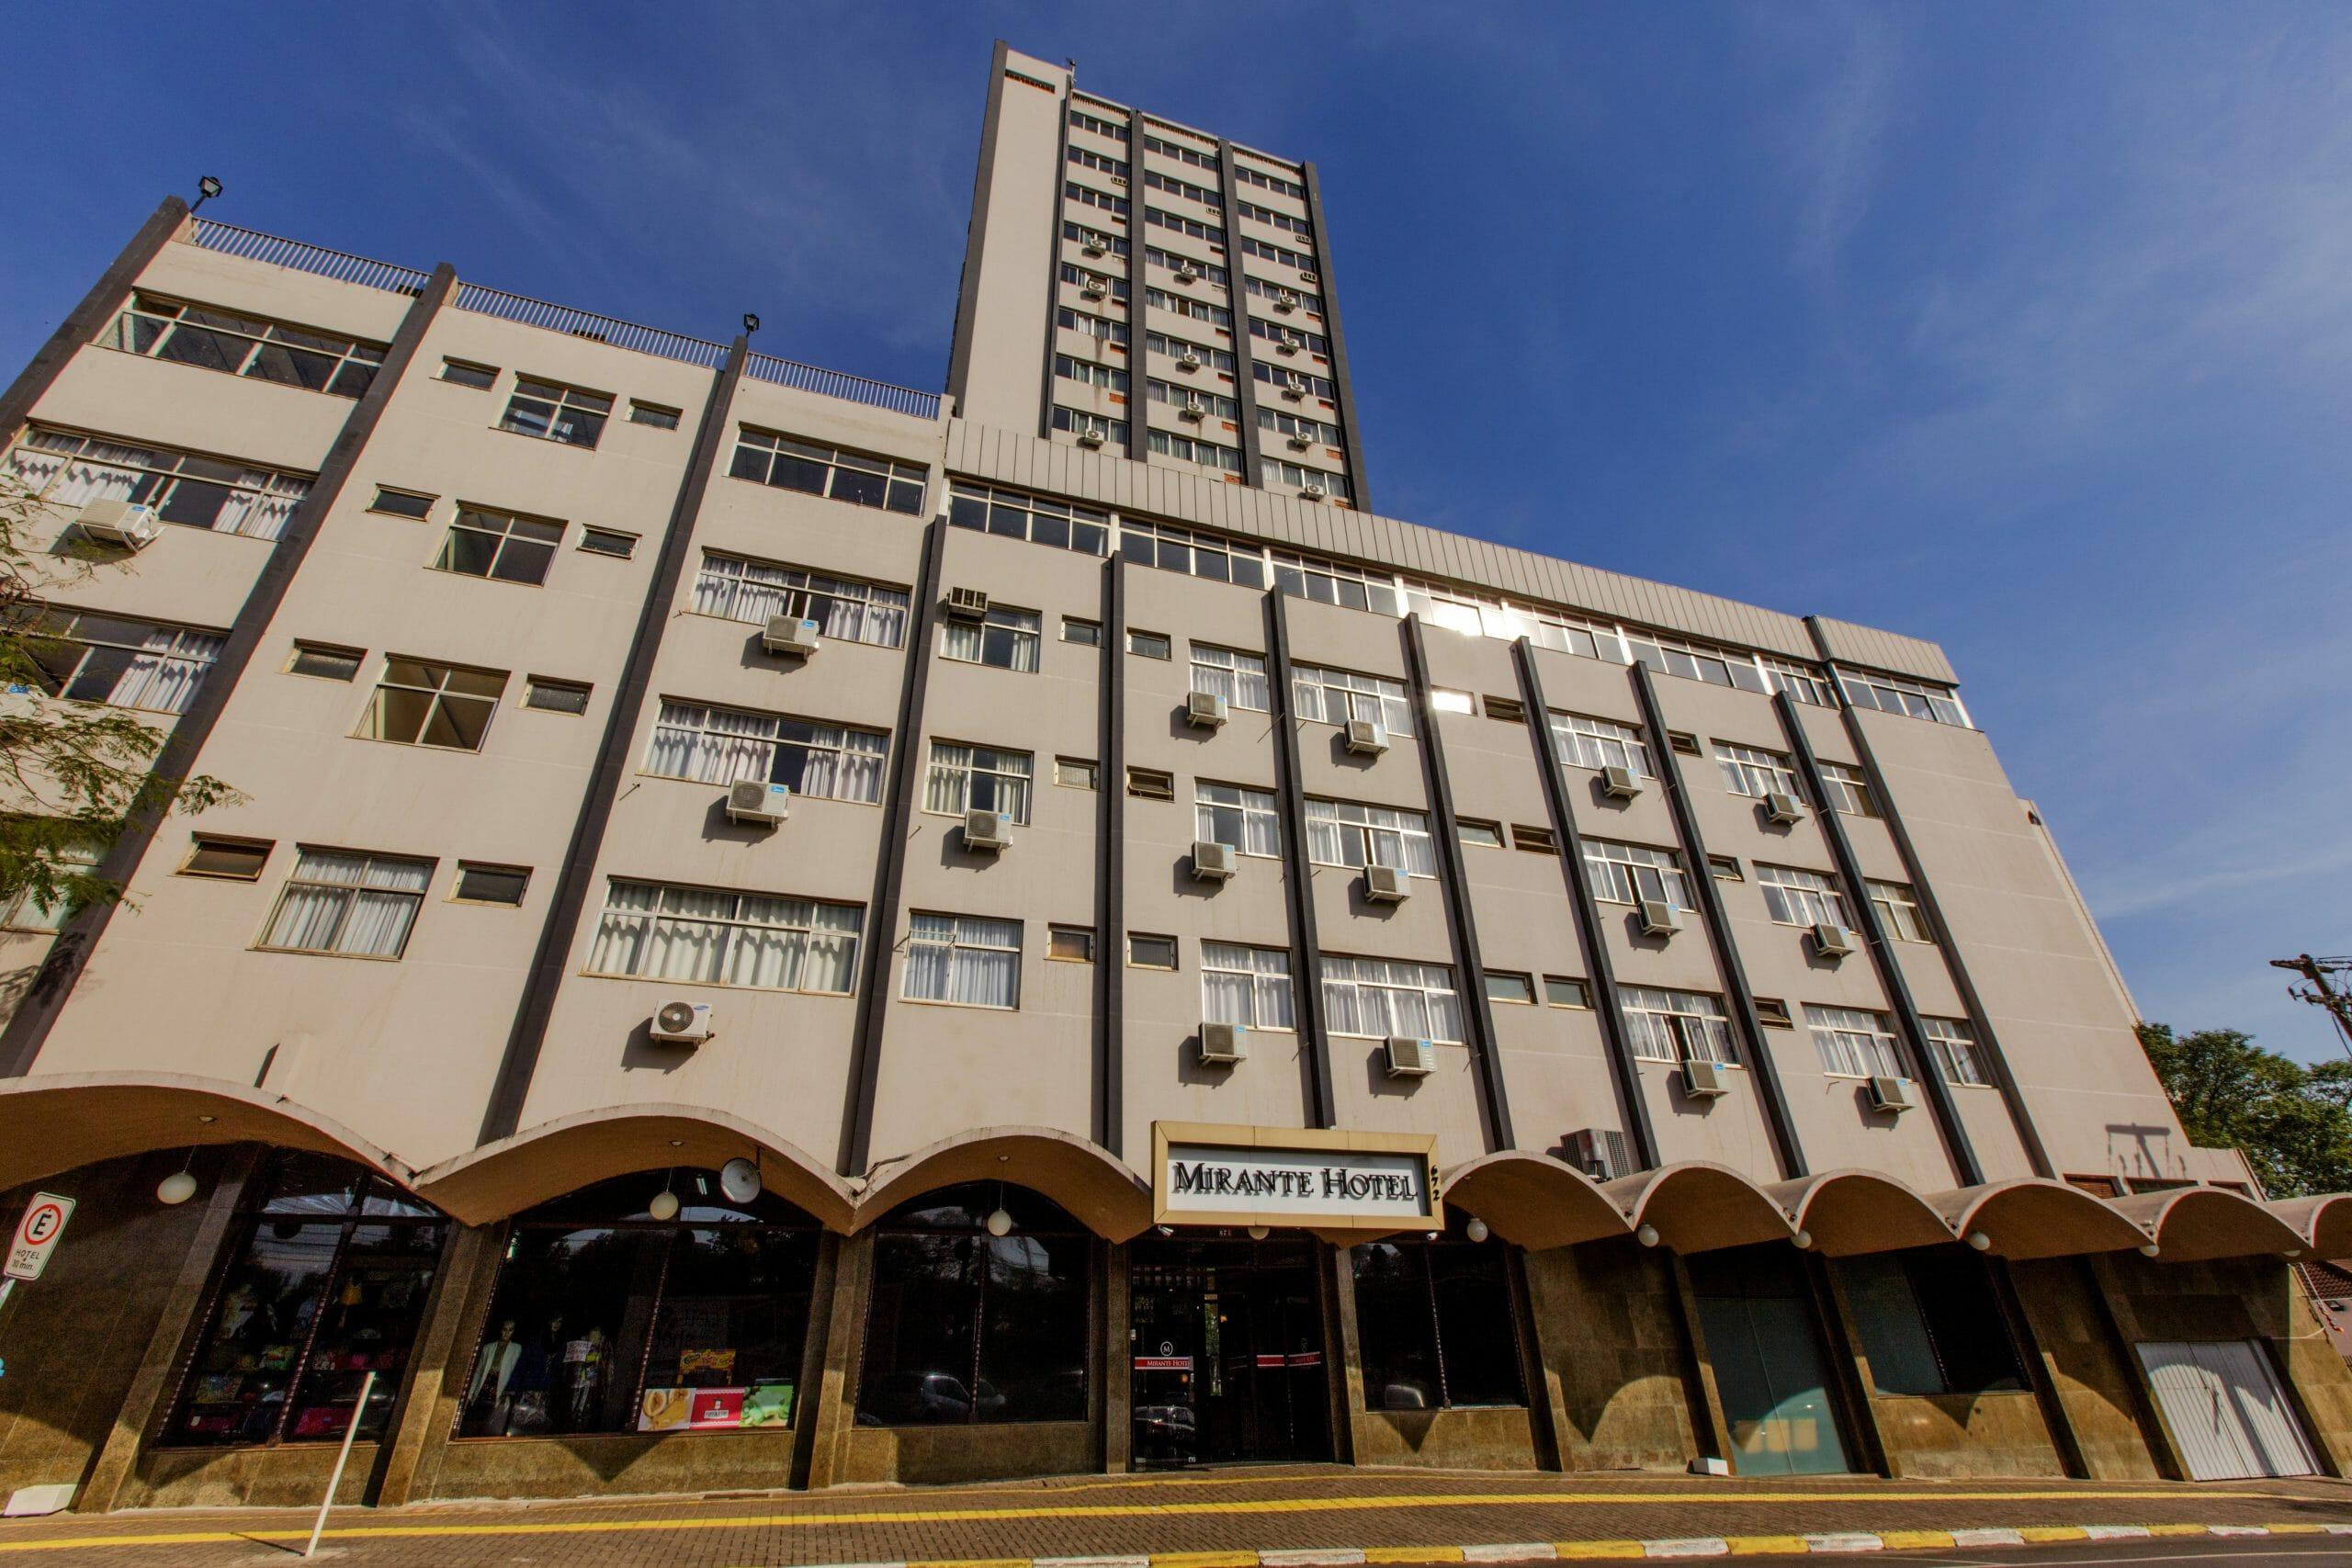 Procurando por hotel no centro de Foz do Iguaçu? O Mirante Hotel é a sua melhor opção! Mirante Hotel